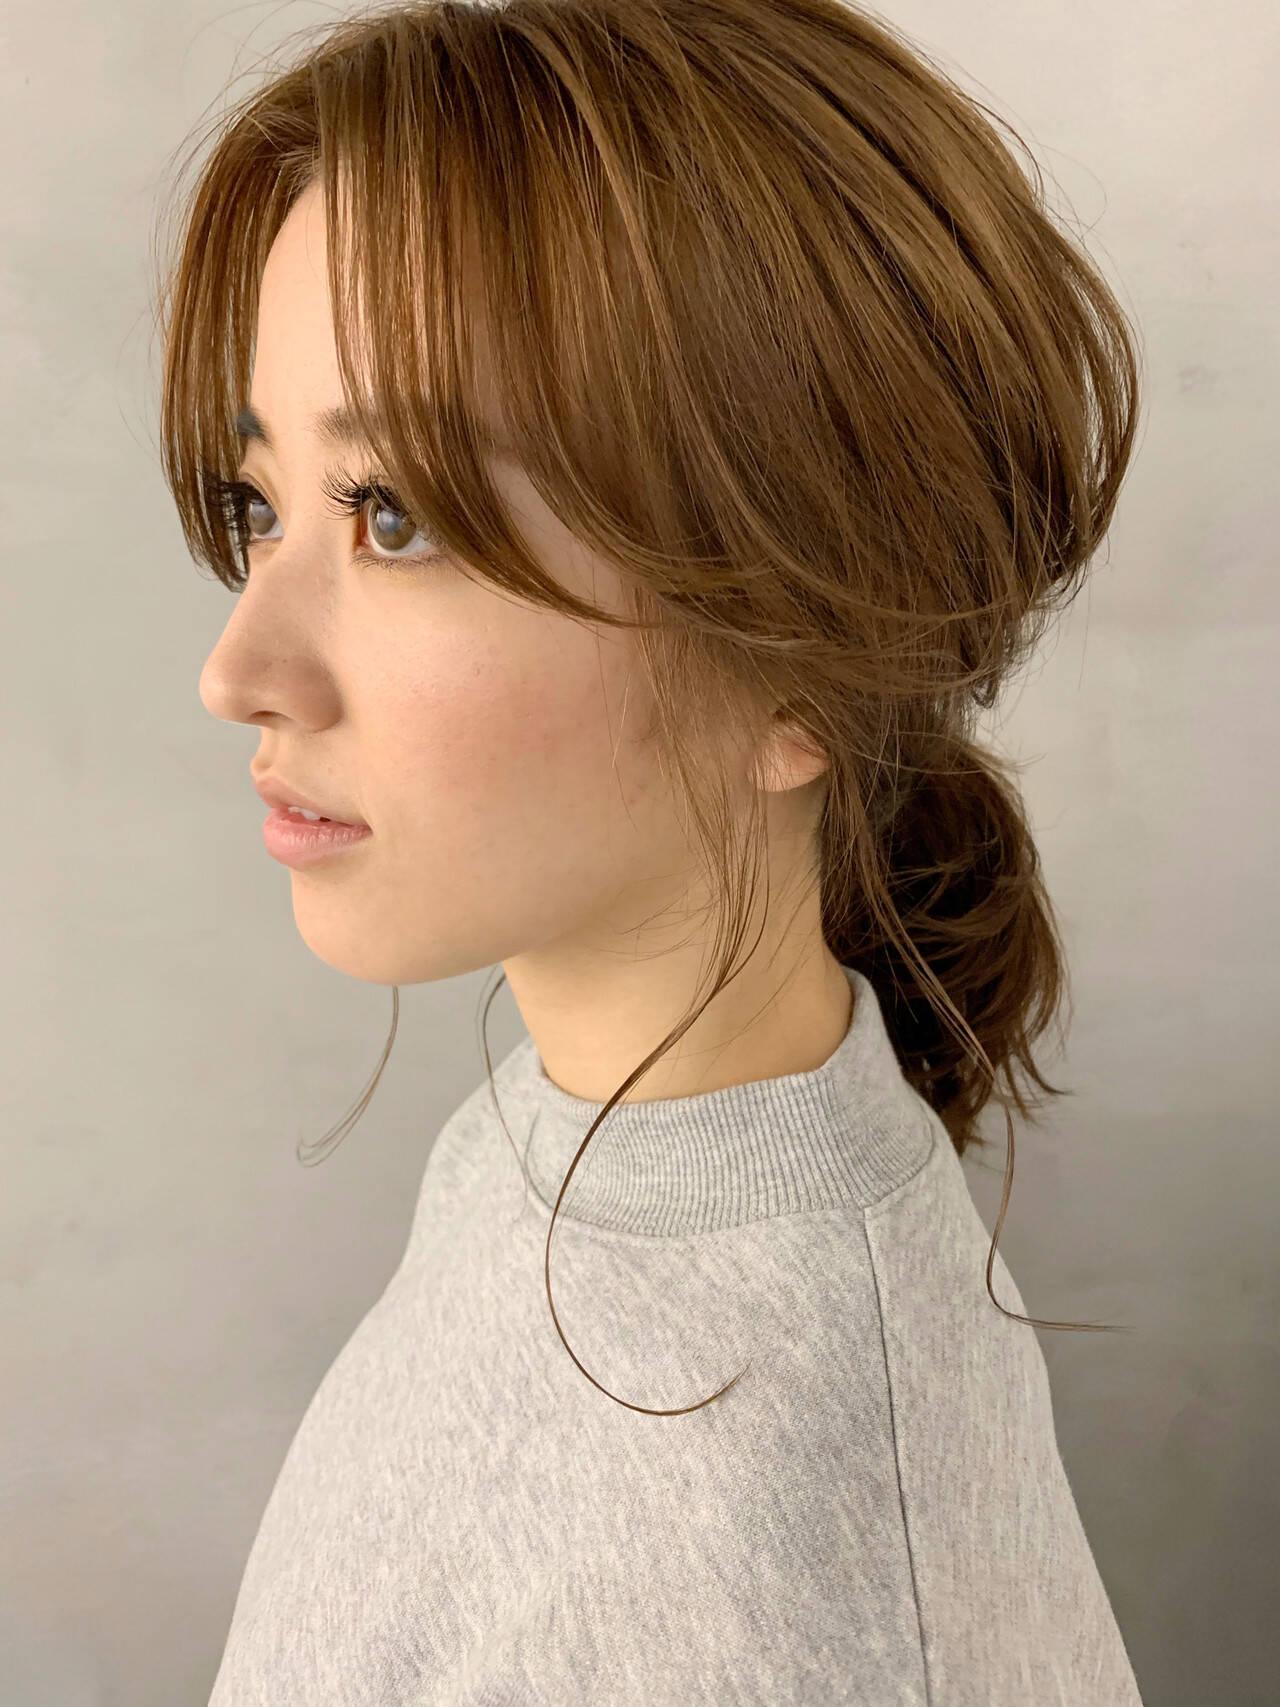 ポニーテール センター分け ヘアアレンジ 簡単ヘアアレンジヘアスタイルや髪型の写真・画像